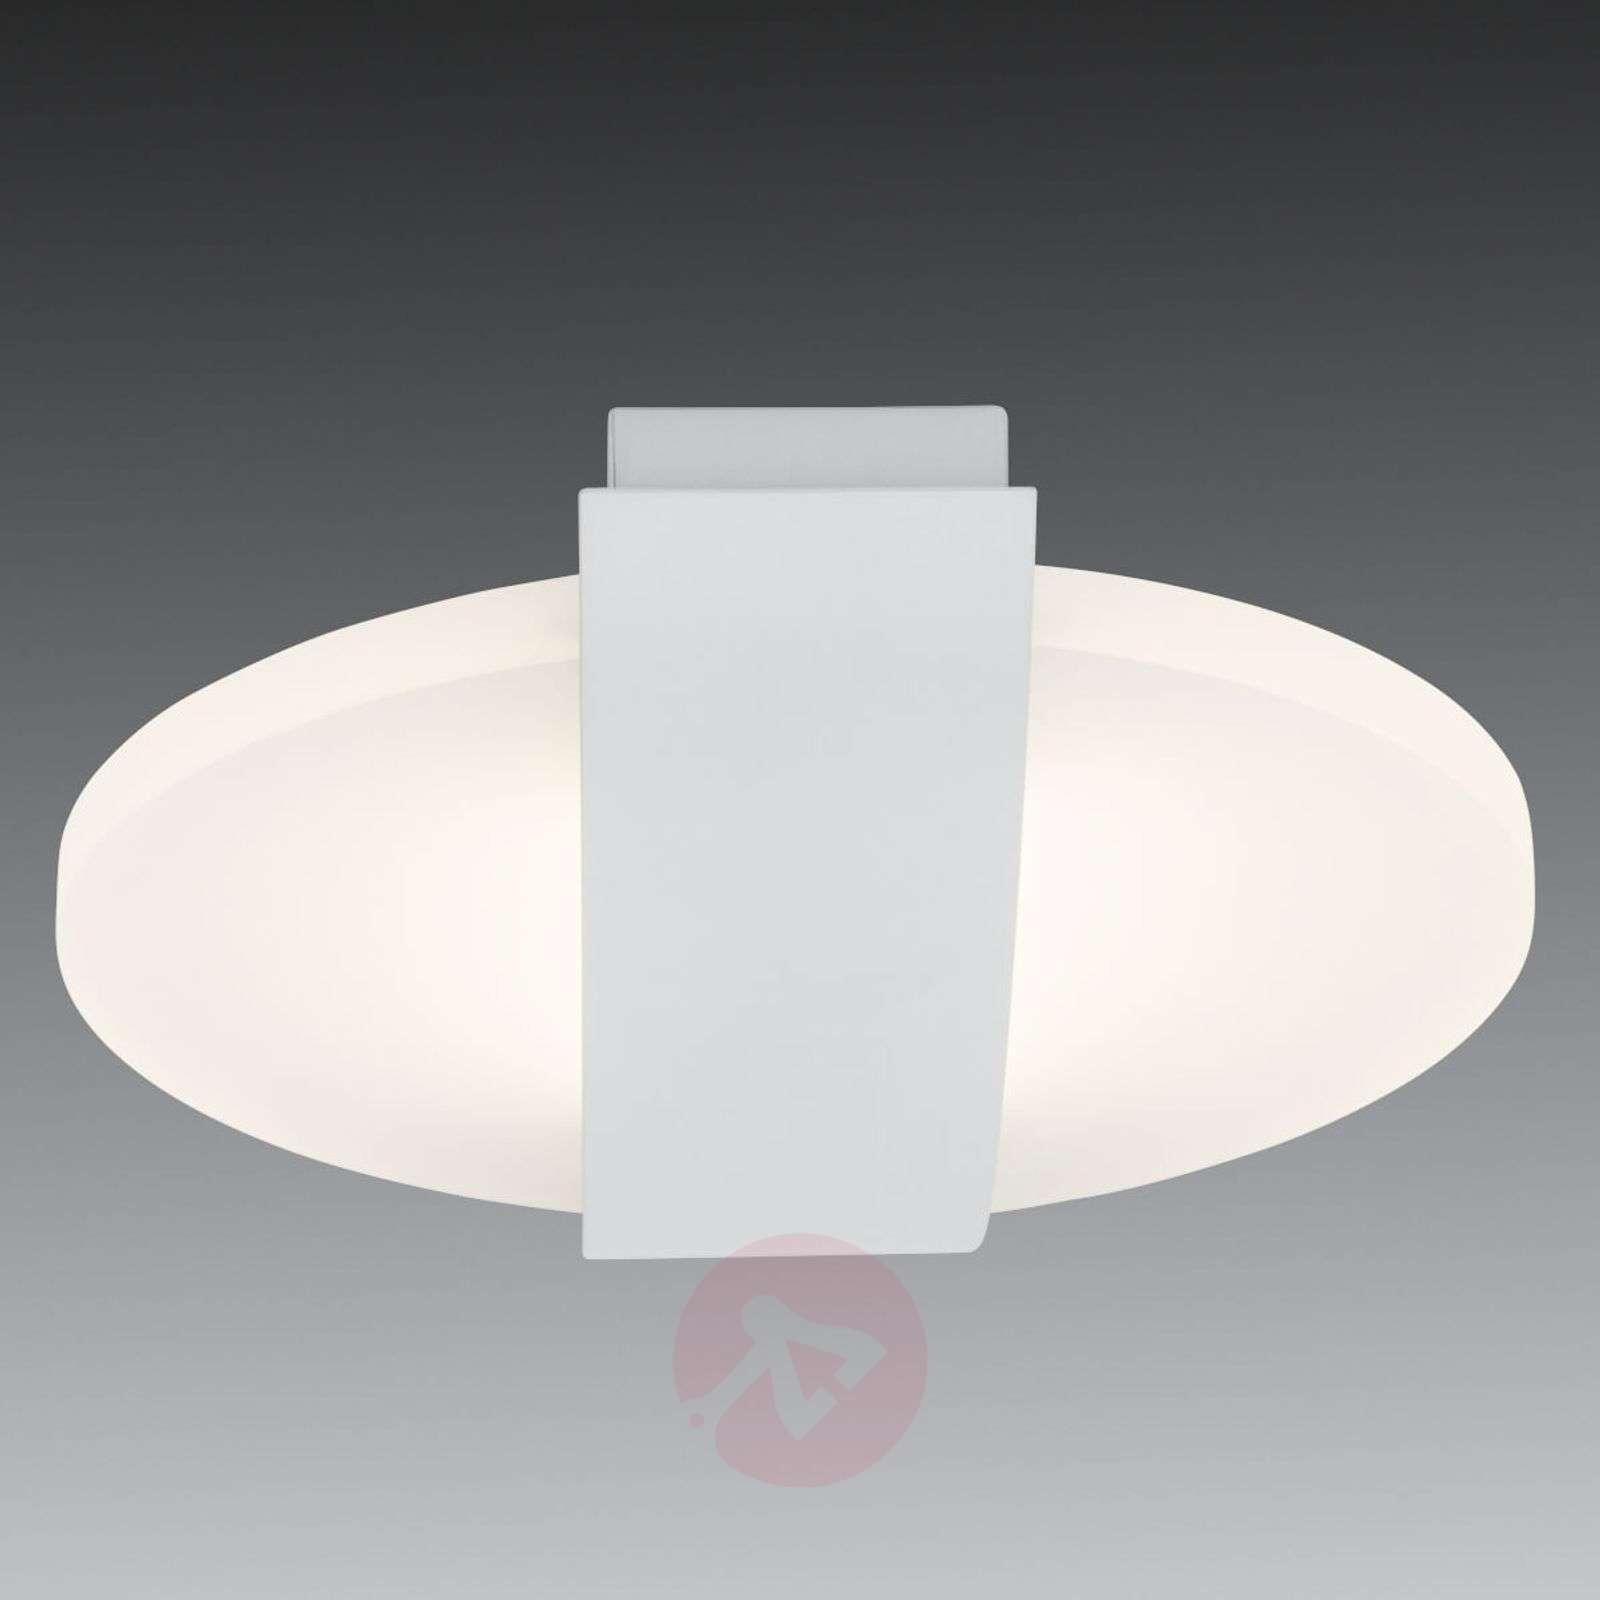 LED-kattovalaisin Solution, easydim, pyöreä-1509397-01